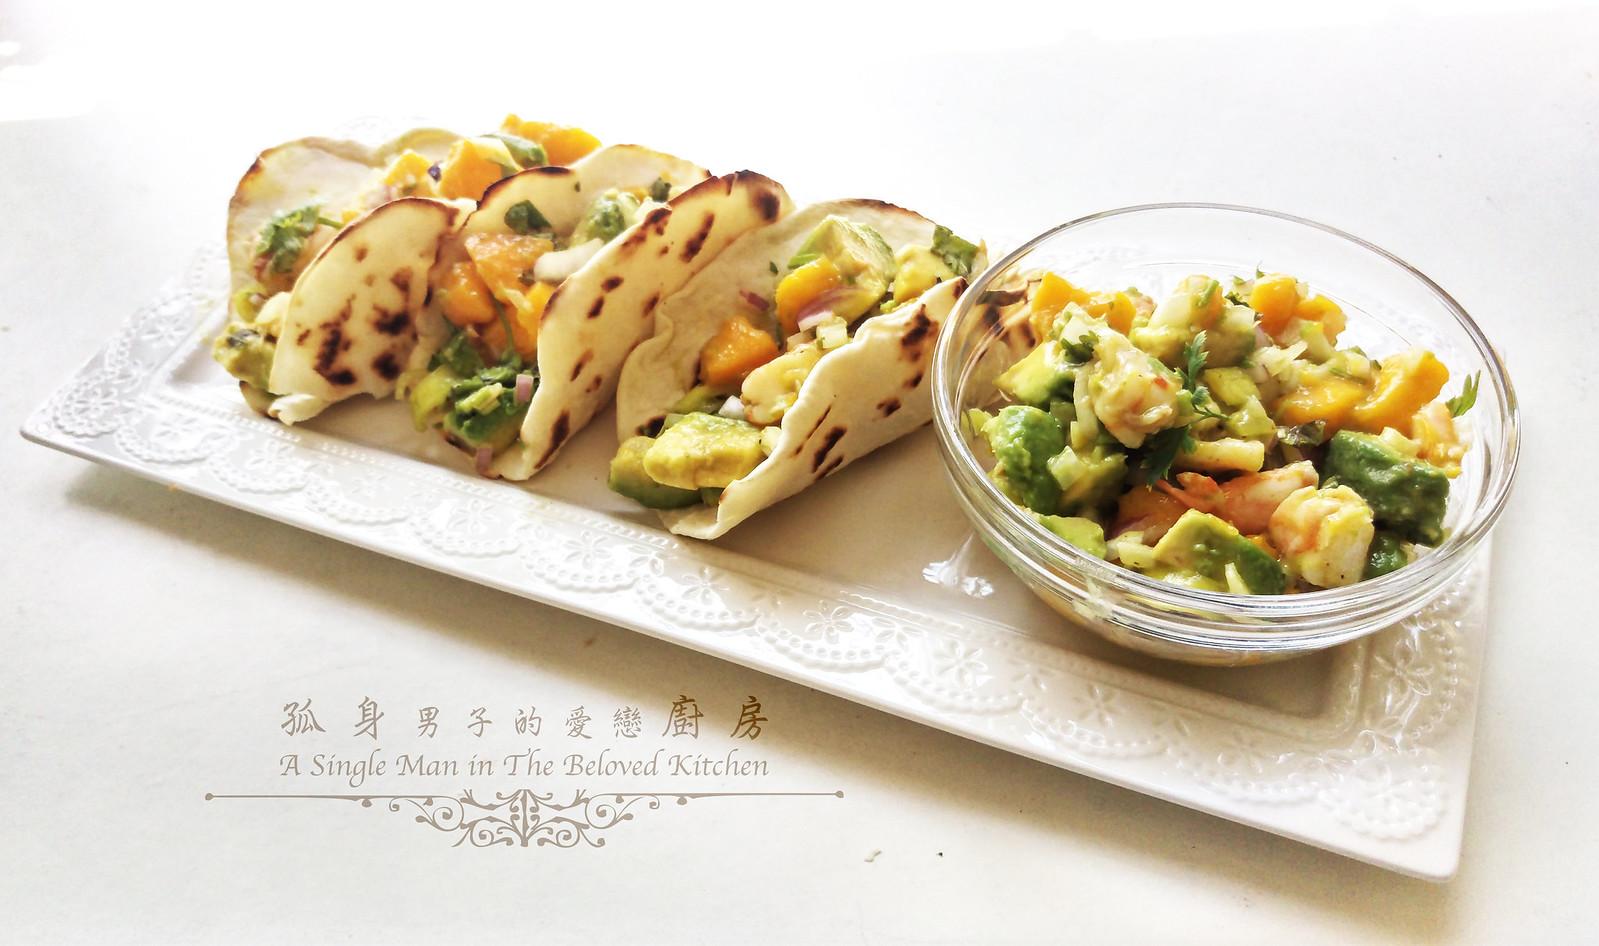 孤身廚房-墨西哥烤紅爐蝦酪梨芒果莎莎醬塔可(下)-烤紅爐蝦酪梨芒果莎莎醬9